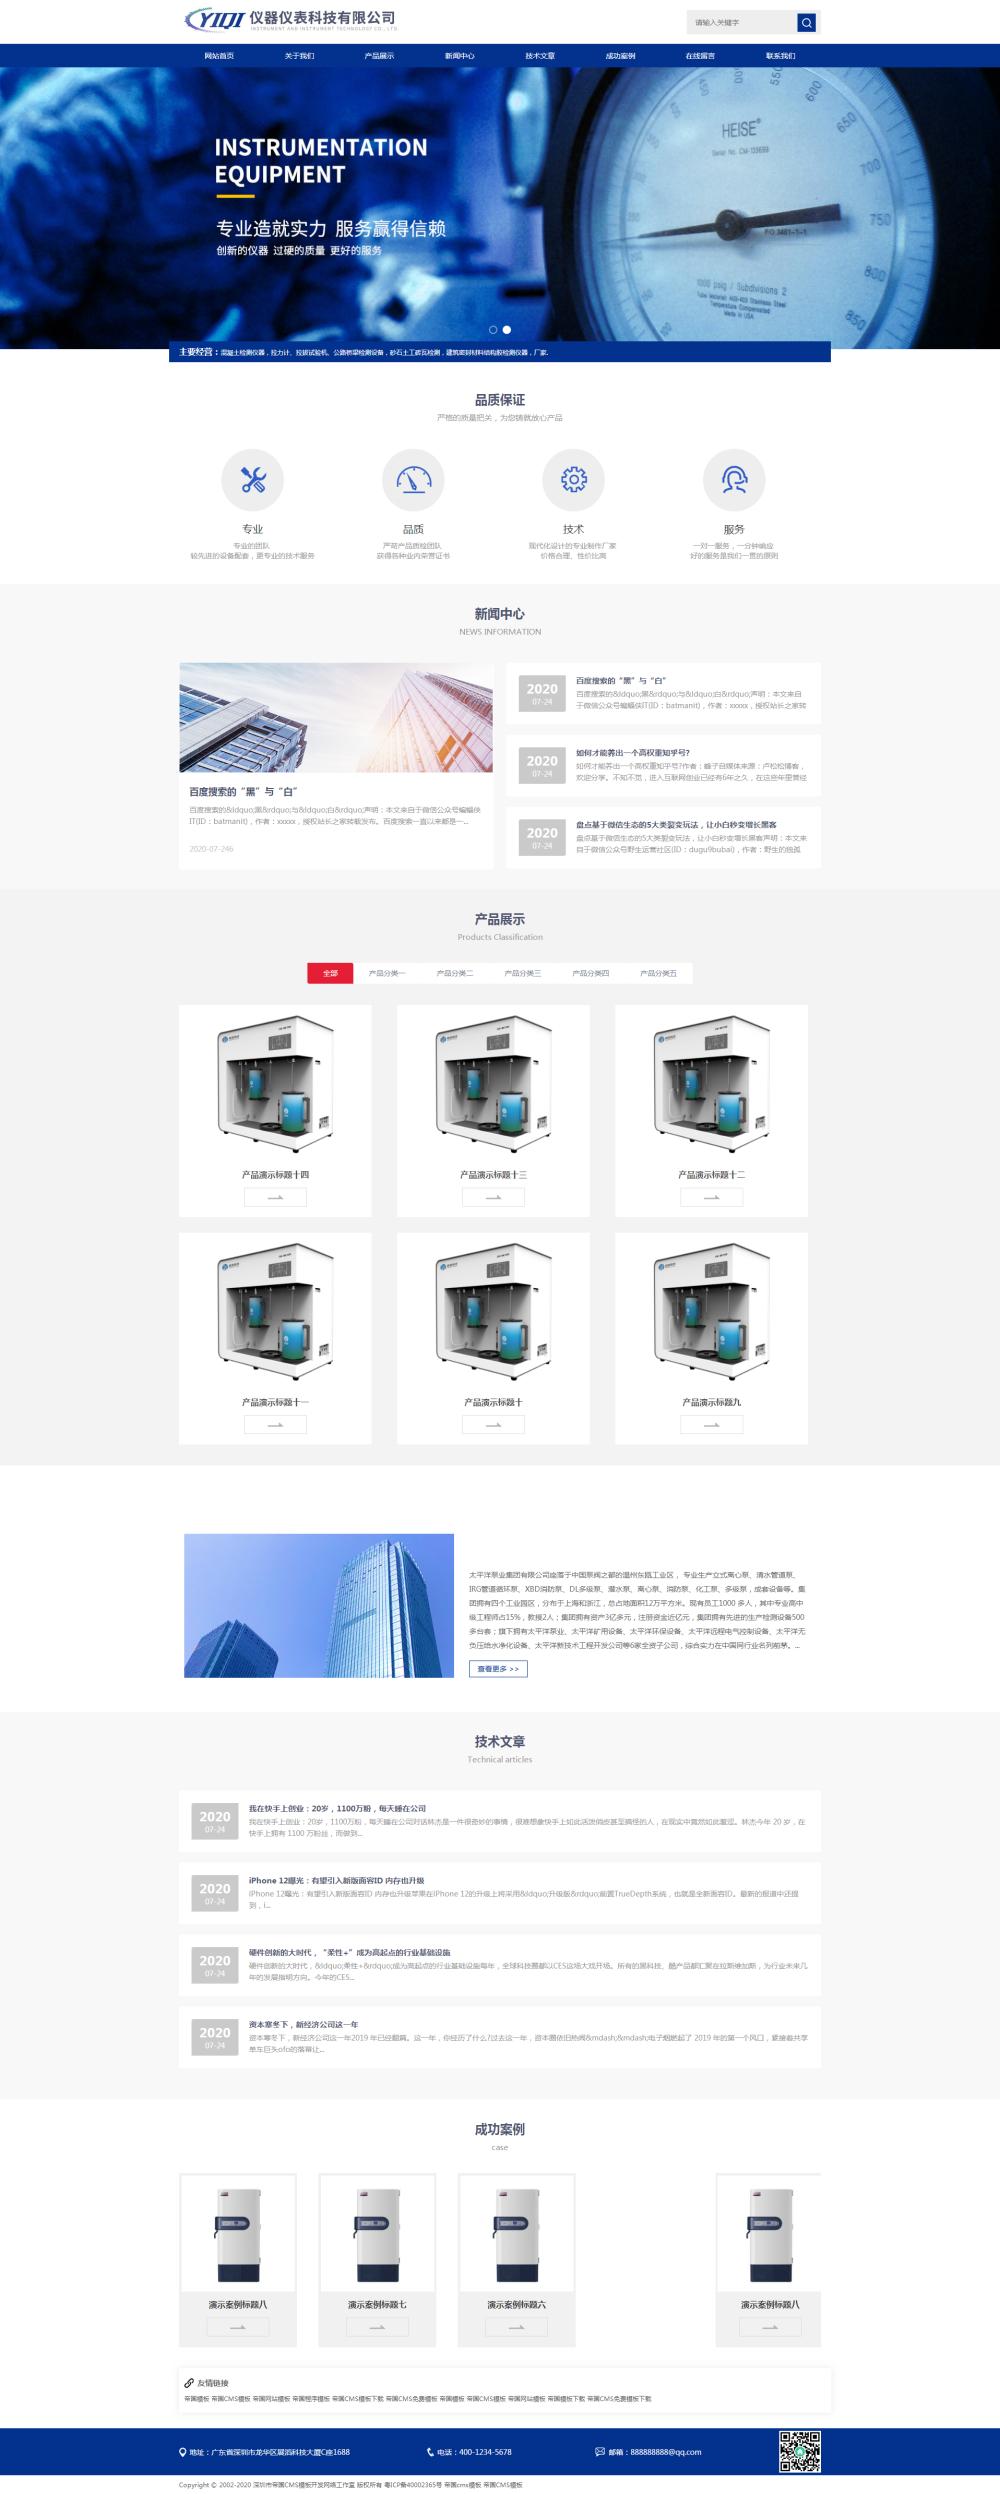 1网站首页.png [DG-134]帝国CMS响应式仪器仪表科技网站帝国CMS模板 蓝色精密仪器设备帝国CMS整站网站源码 企业模板 第1张